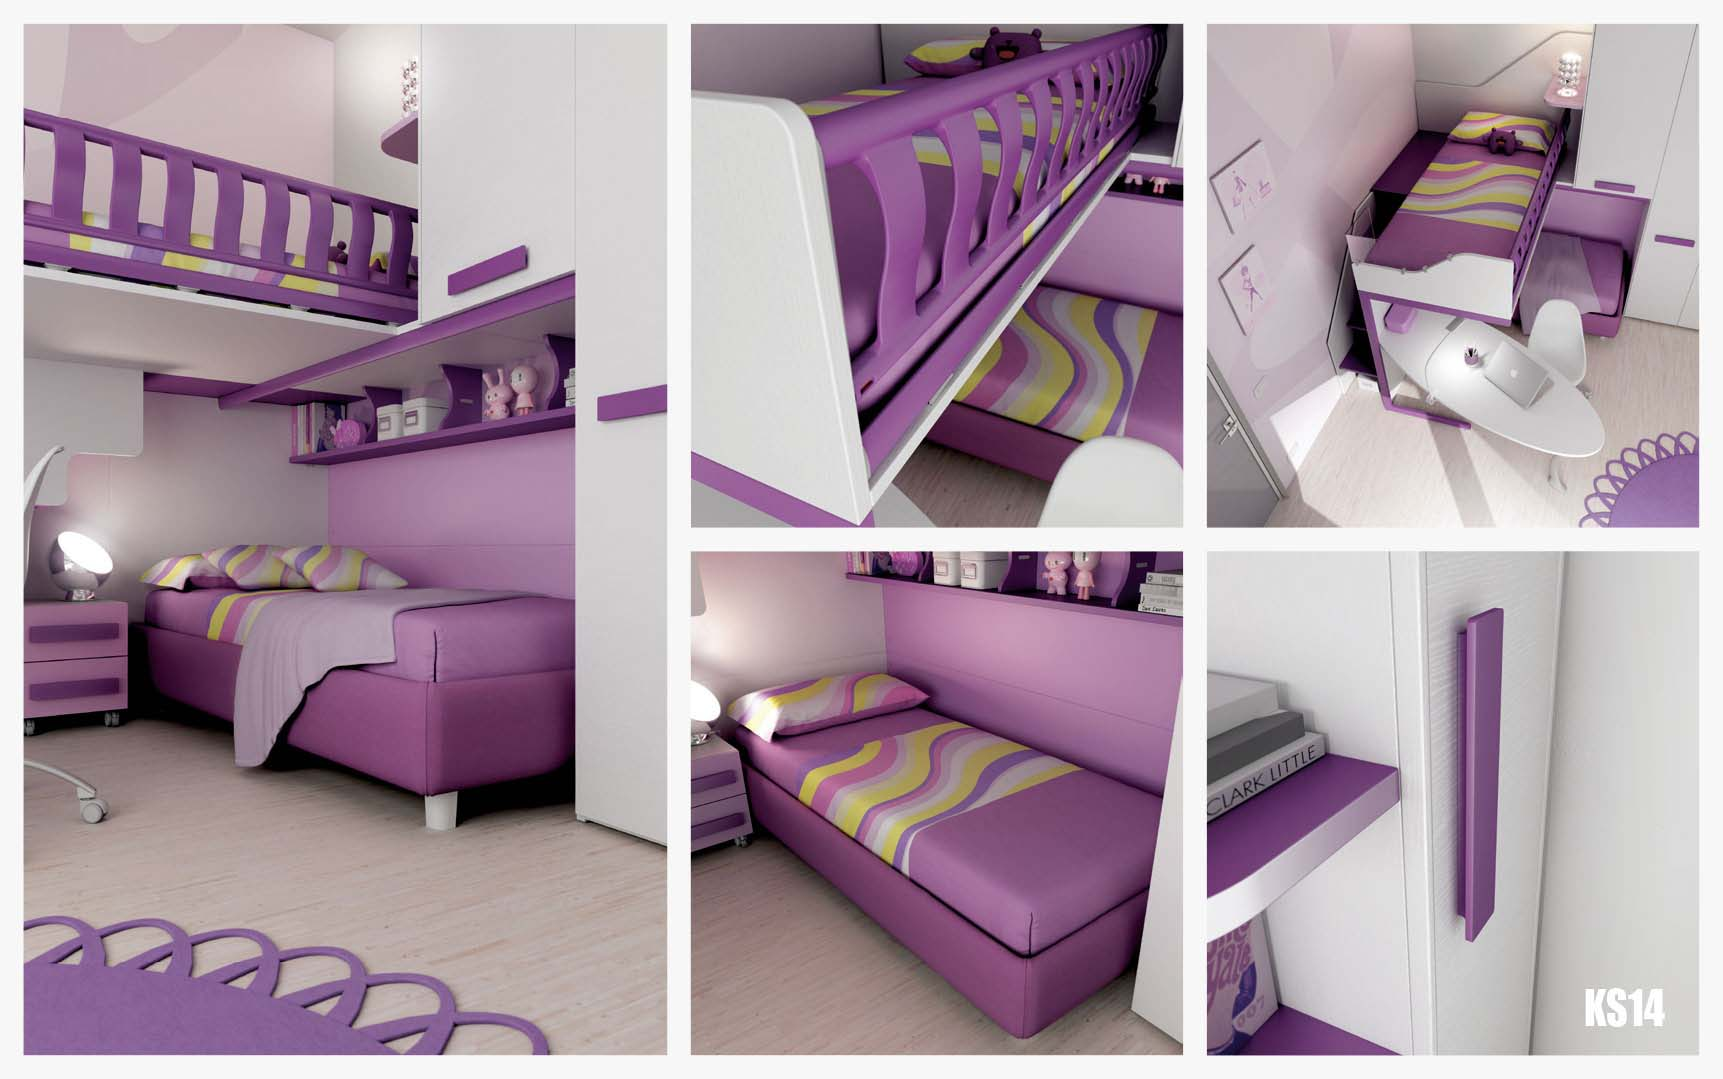 Chambre enfant design avec lits superpos s moretti compact so nuit - Chambre mezzanine enfant ...